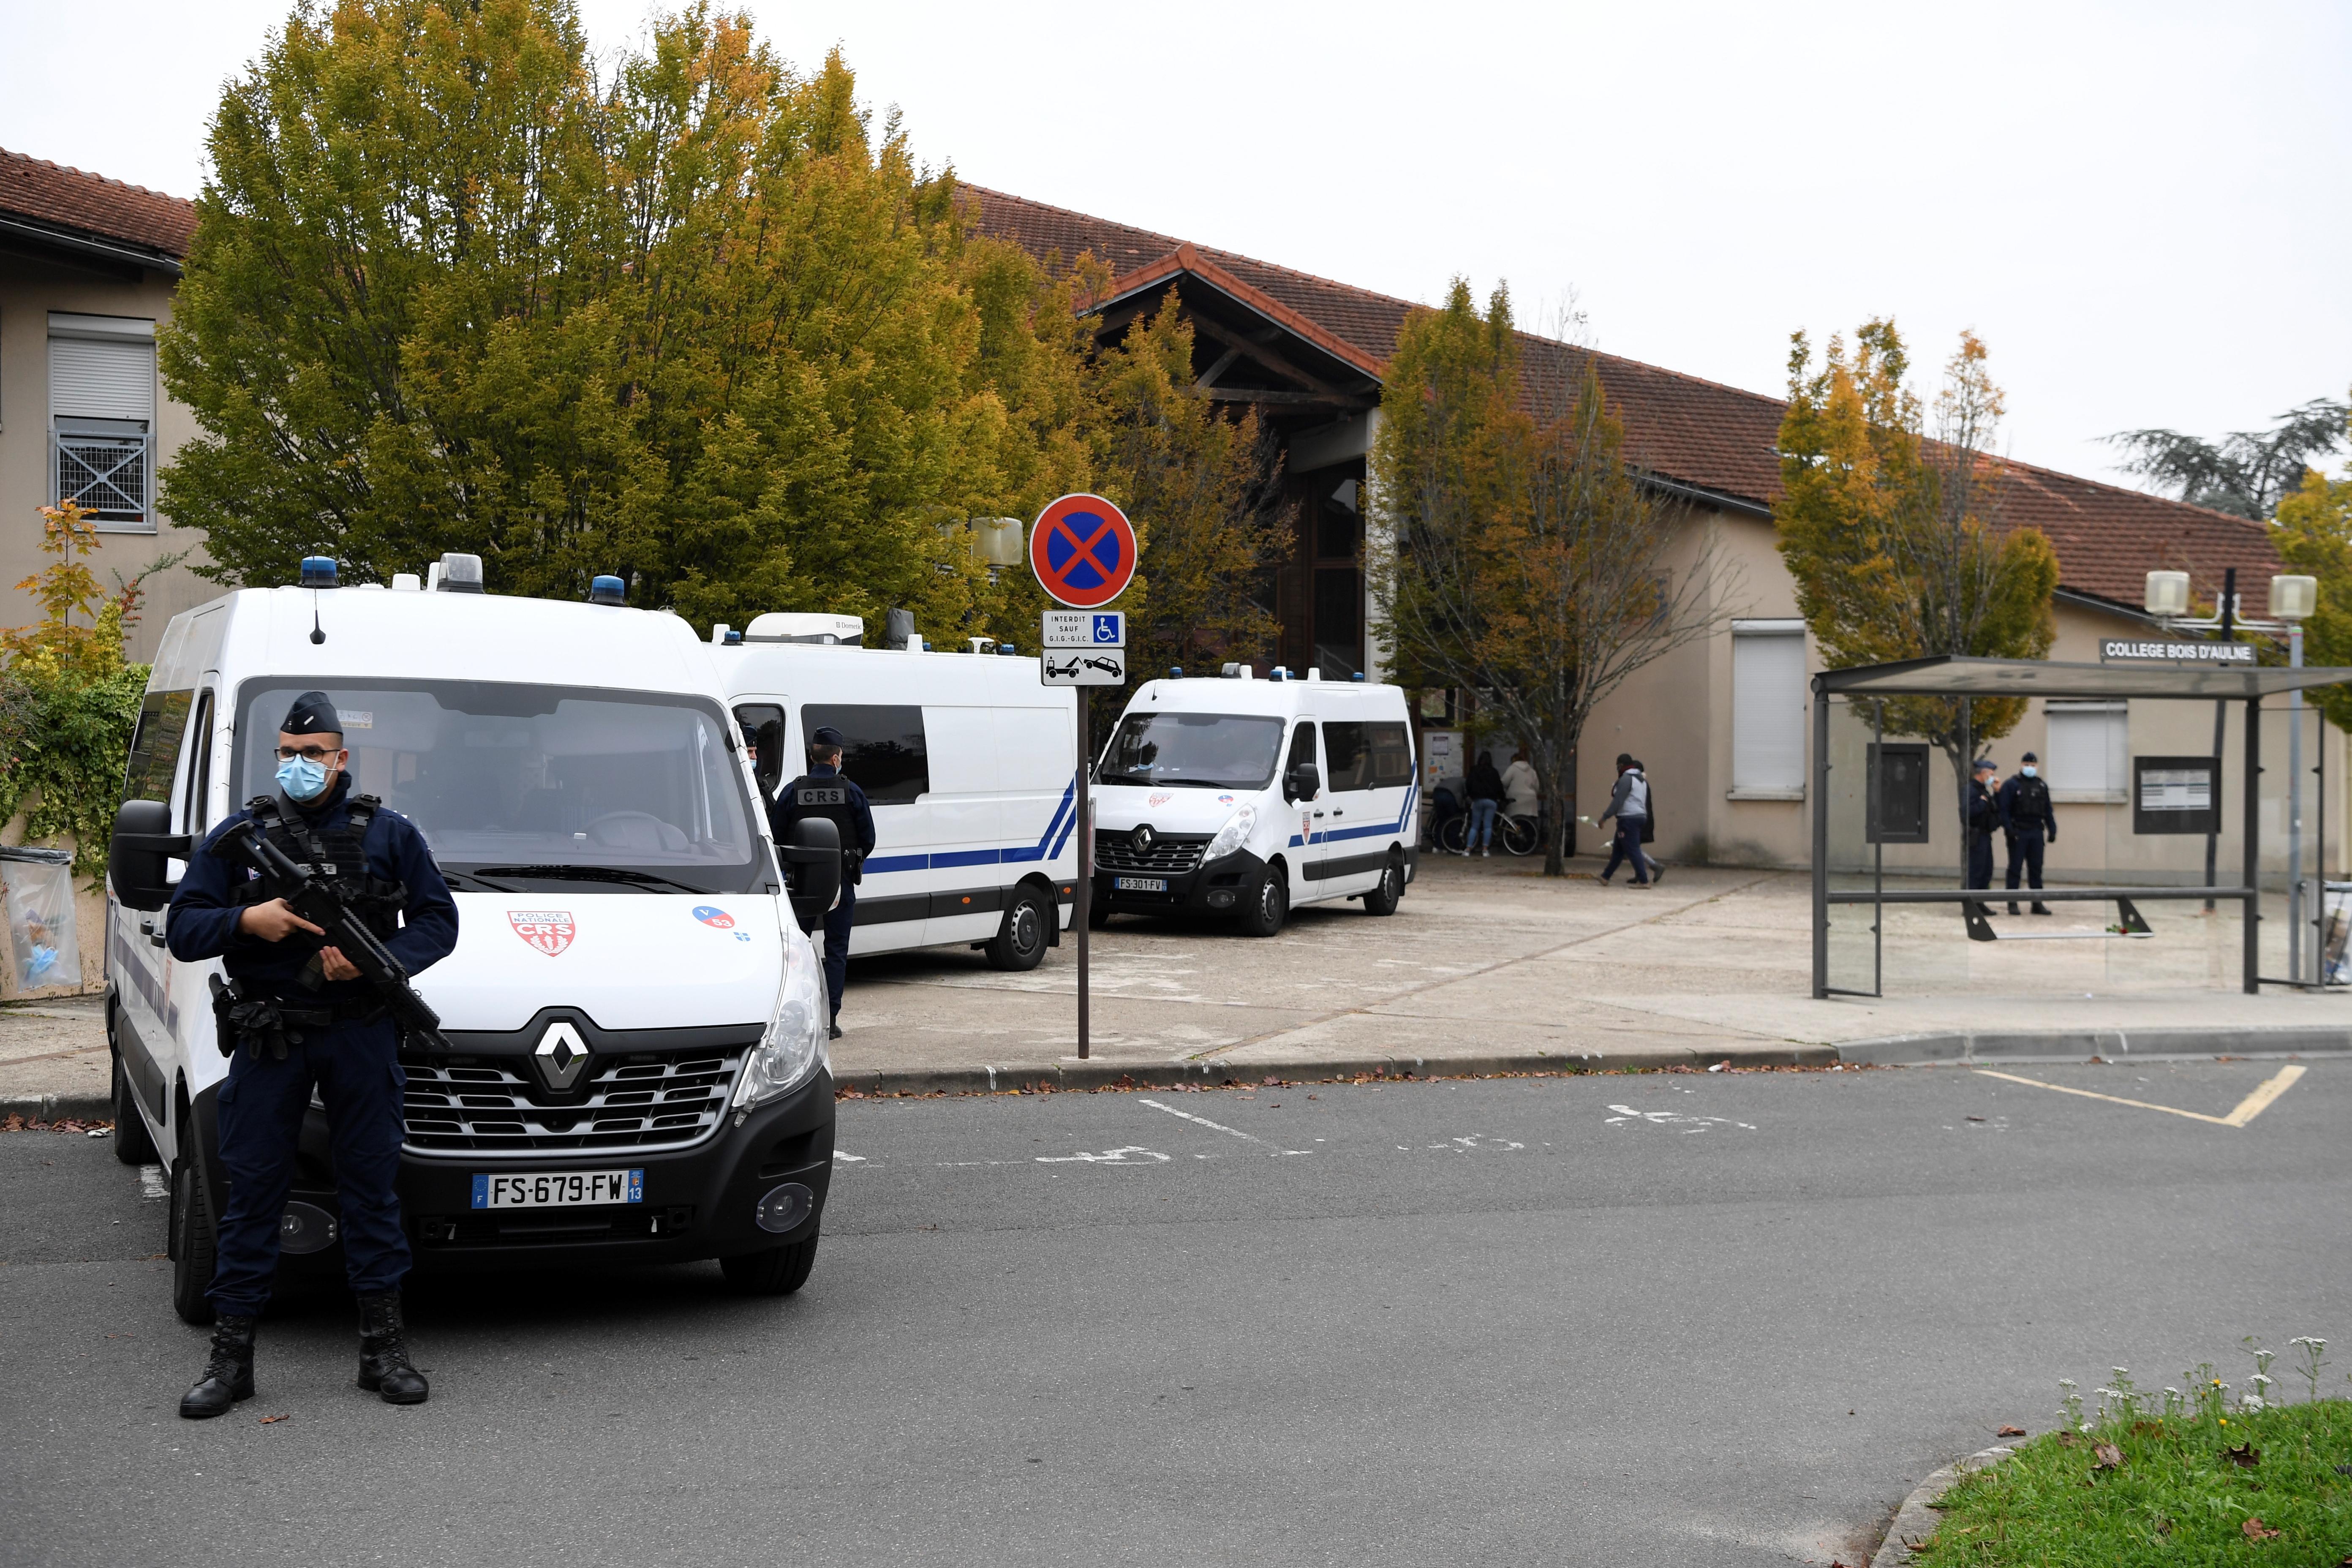 Mennyire hibás Franciaország, hogy egy muszlim bevándorló lefejezhetett egy történelemtanárt?